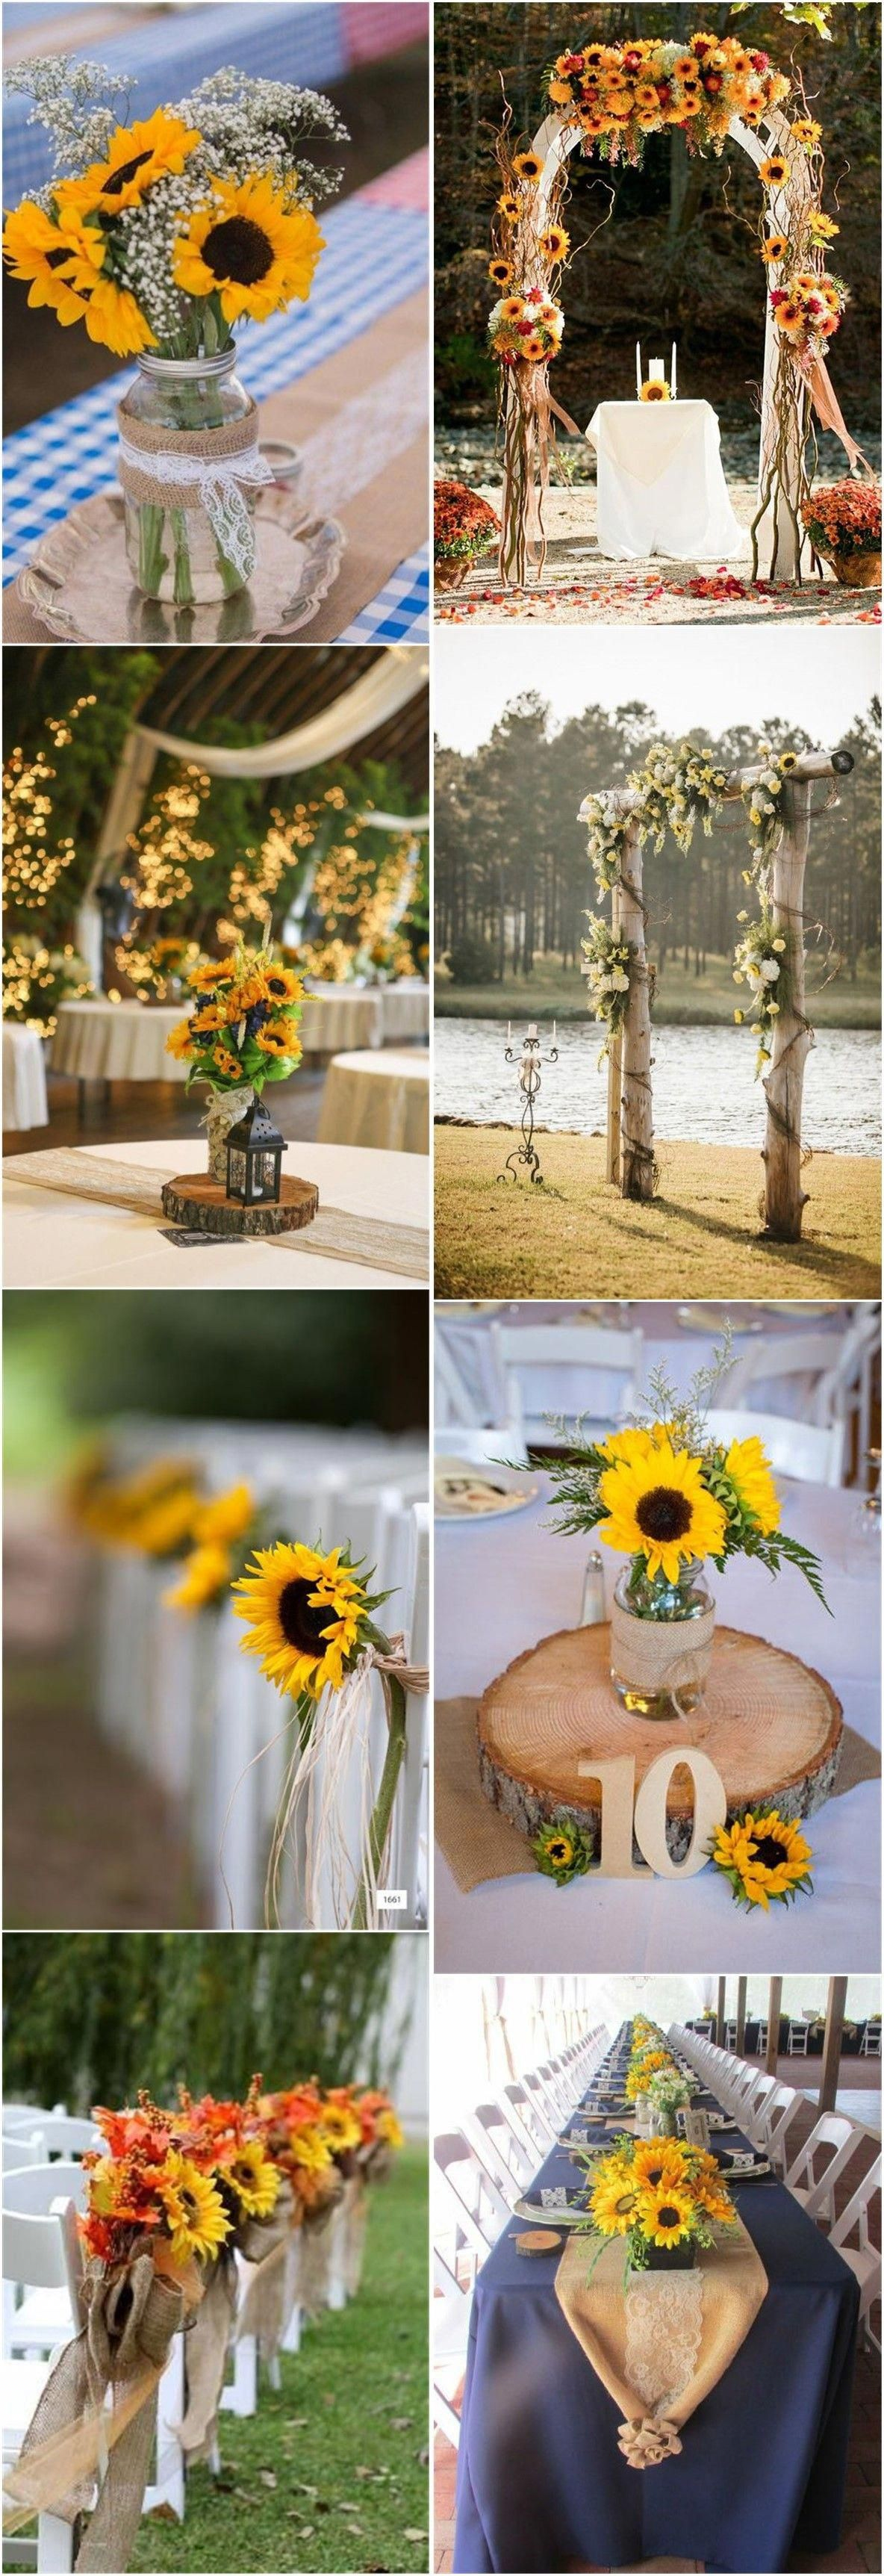 sunflowerwedding Sunflower wedding decorations